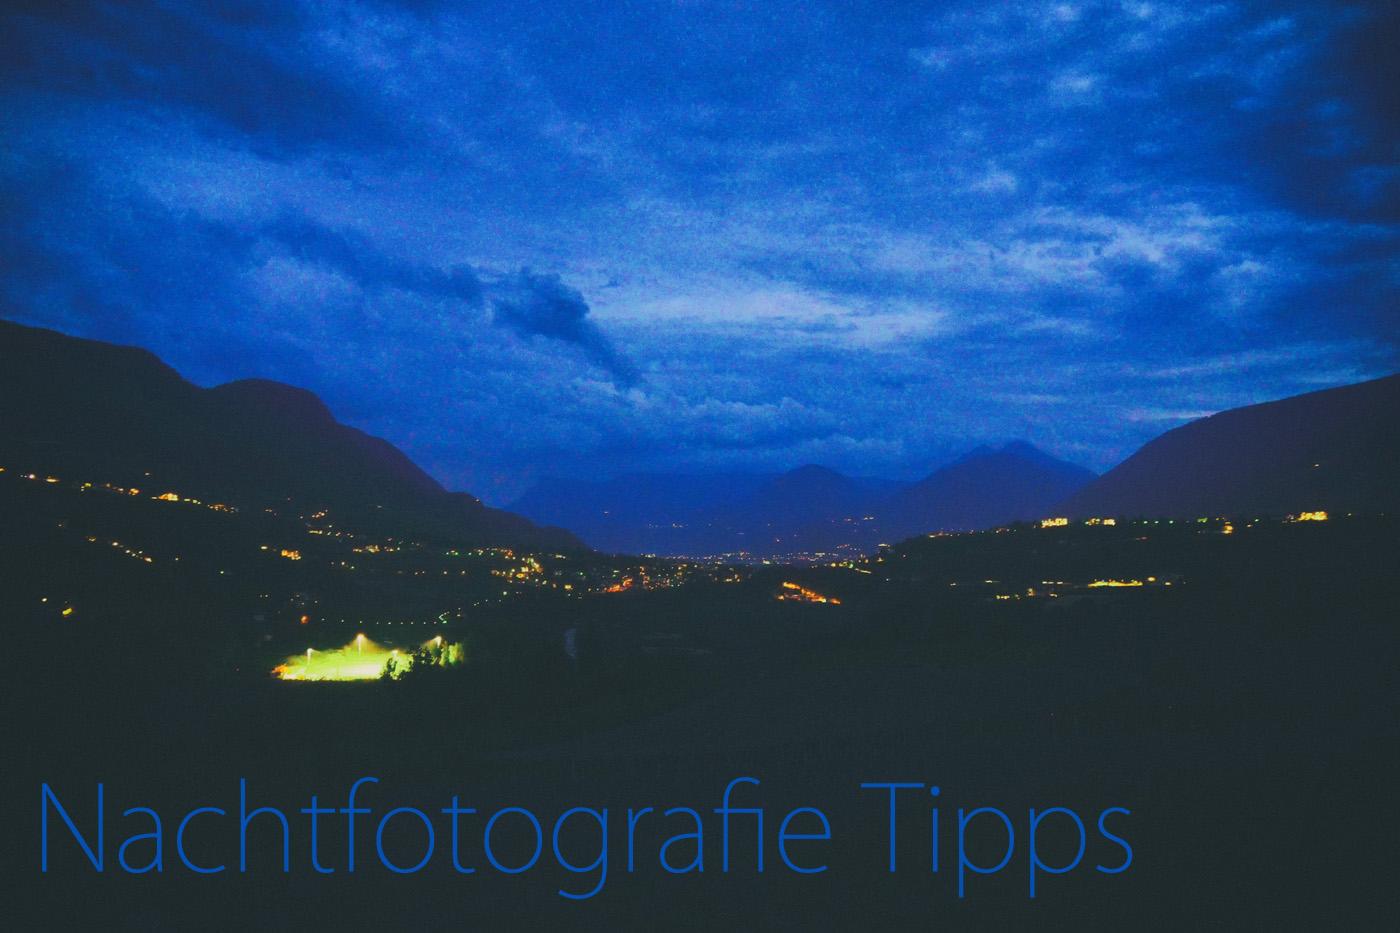 Nachtfotografie Tipps